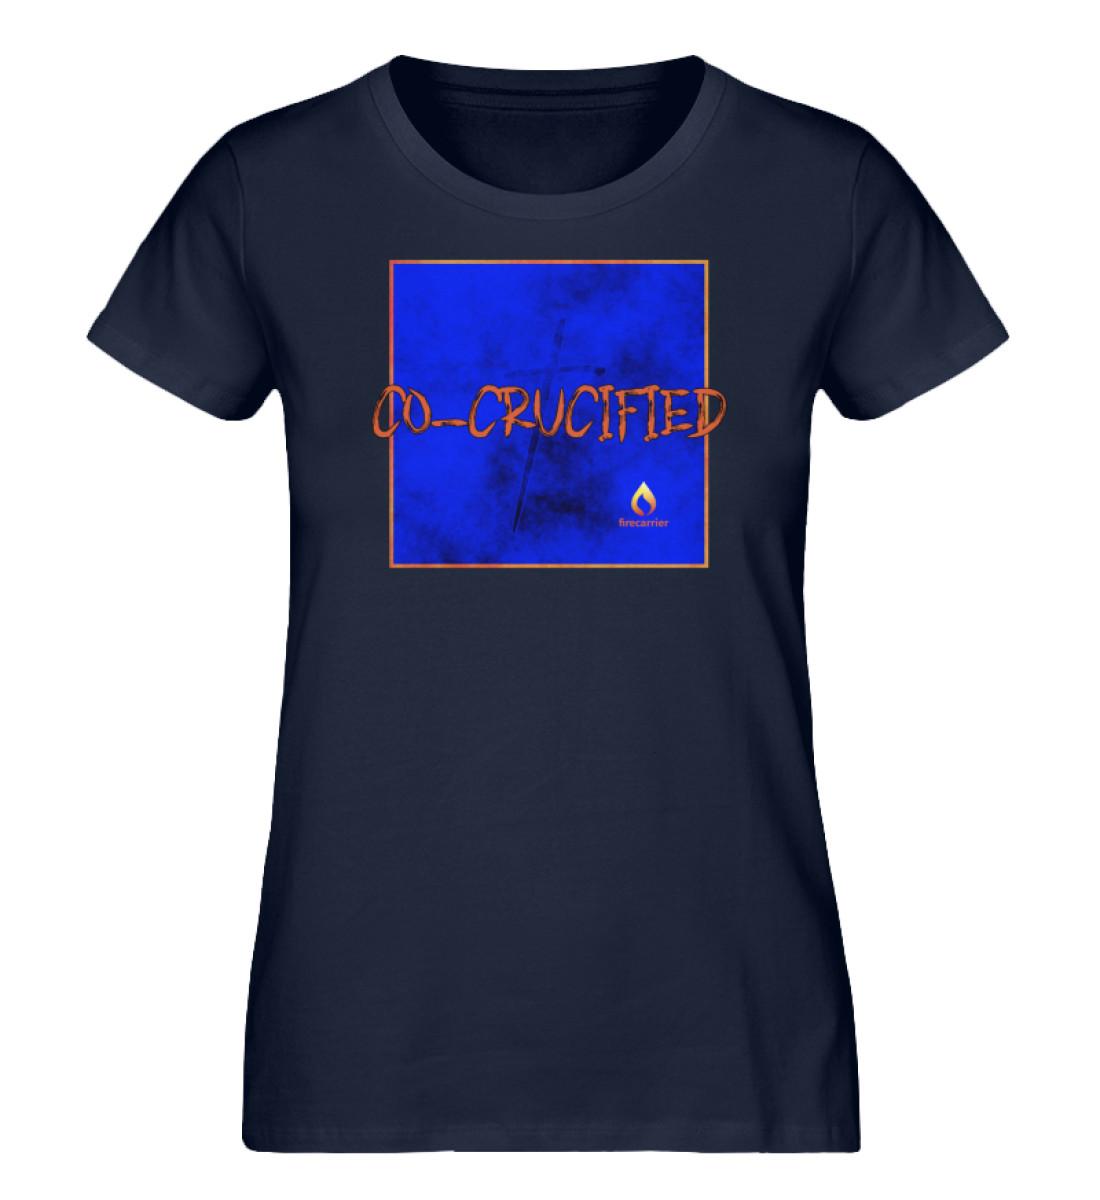 cocrucified - Ladies Premium Organic Shirt-6959